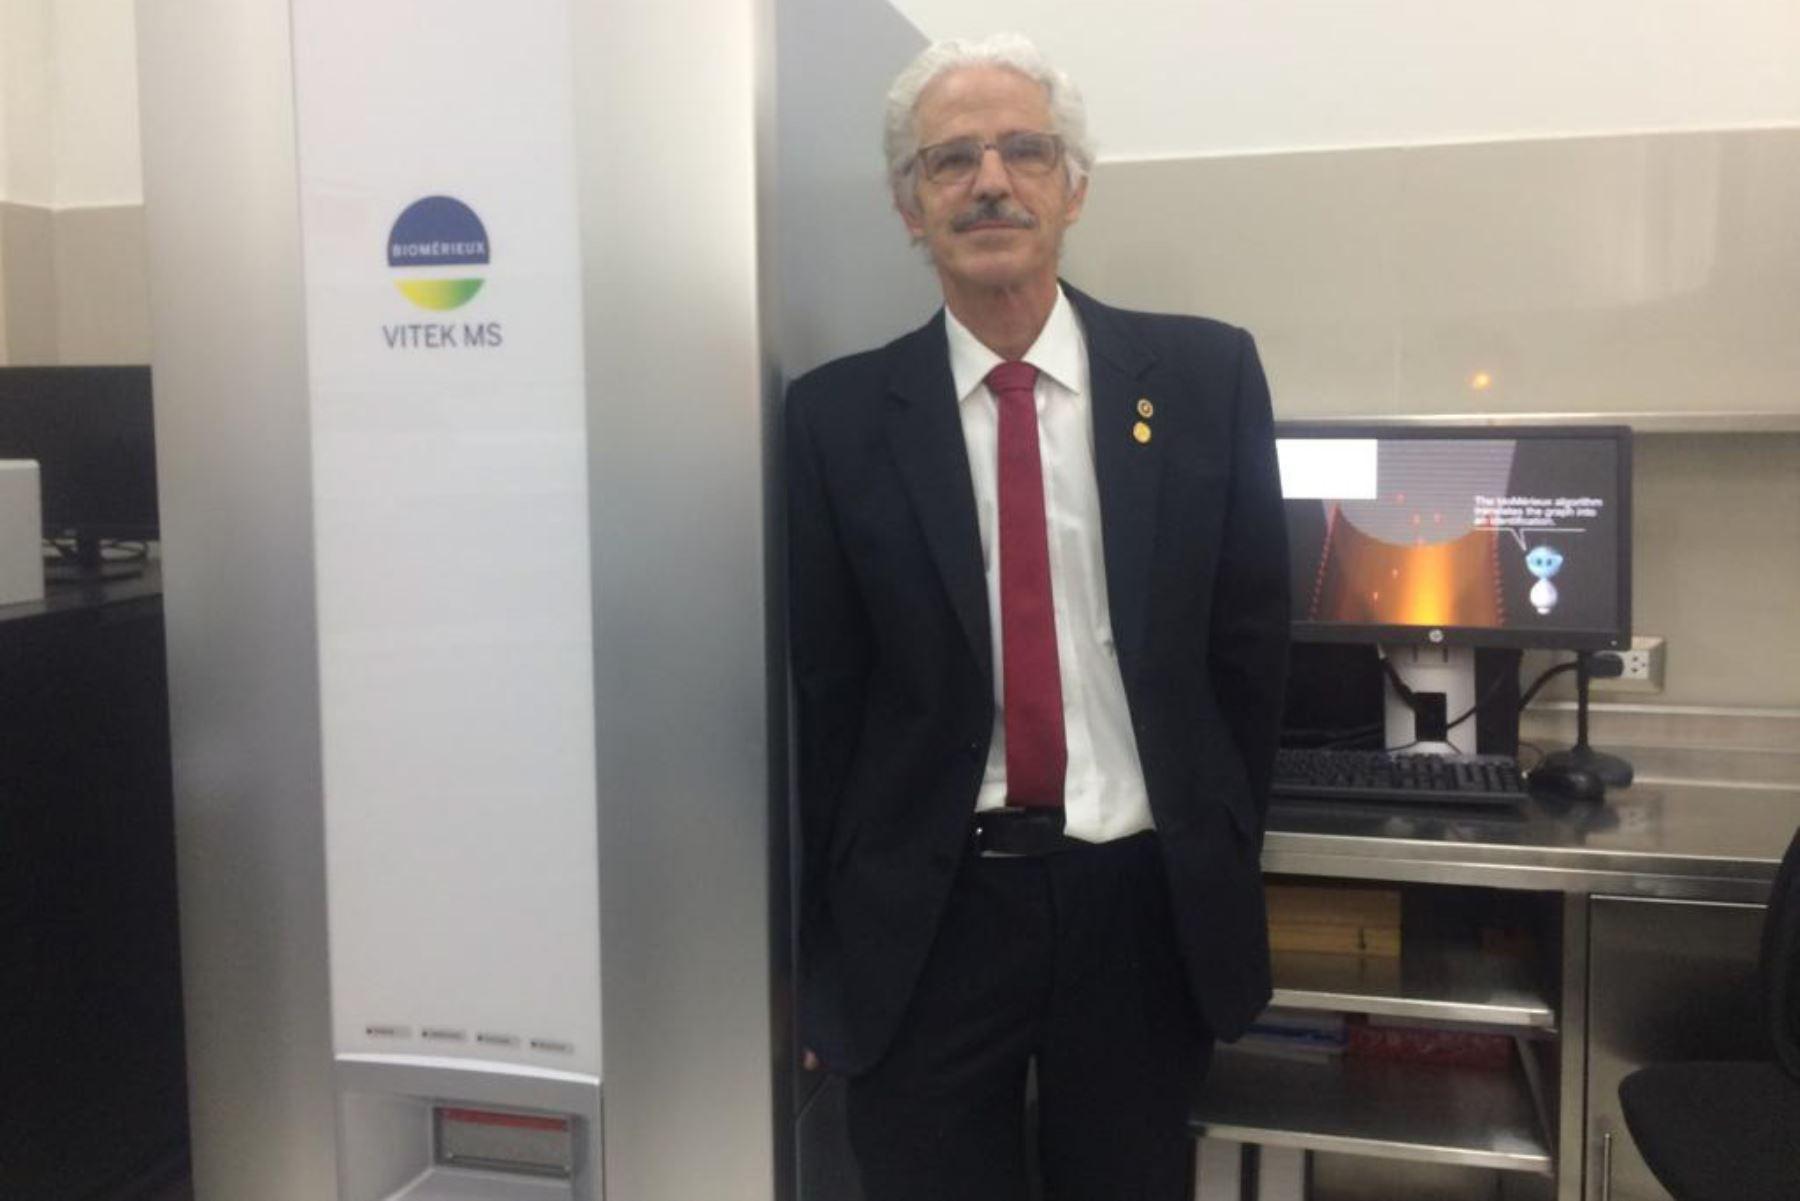 El responsable del equipo técnico del laboratorio de microbiología molecular, Jorge Ballón Echegaray, se identificarán con mayor rapidez las bacterias, hongos filamentosos y levaduriformes en muestras biológicas. Foto: ANDINA/Rocío Méndez